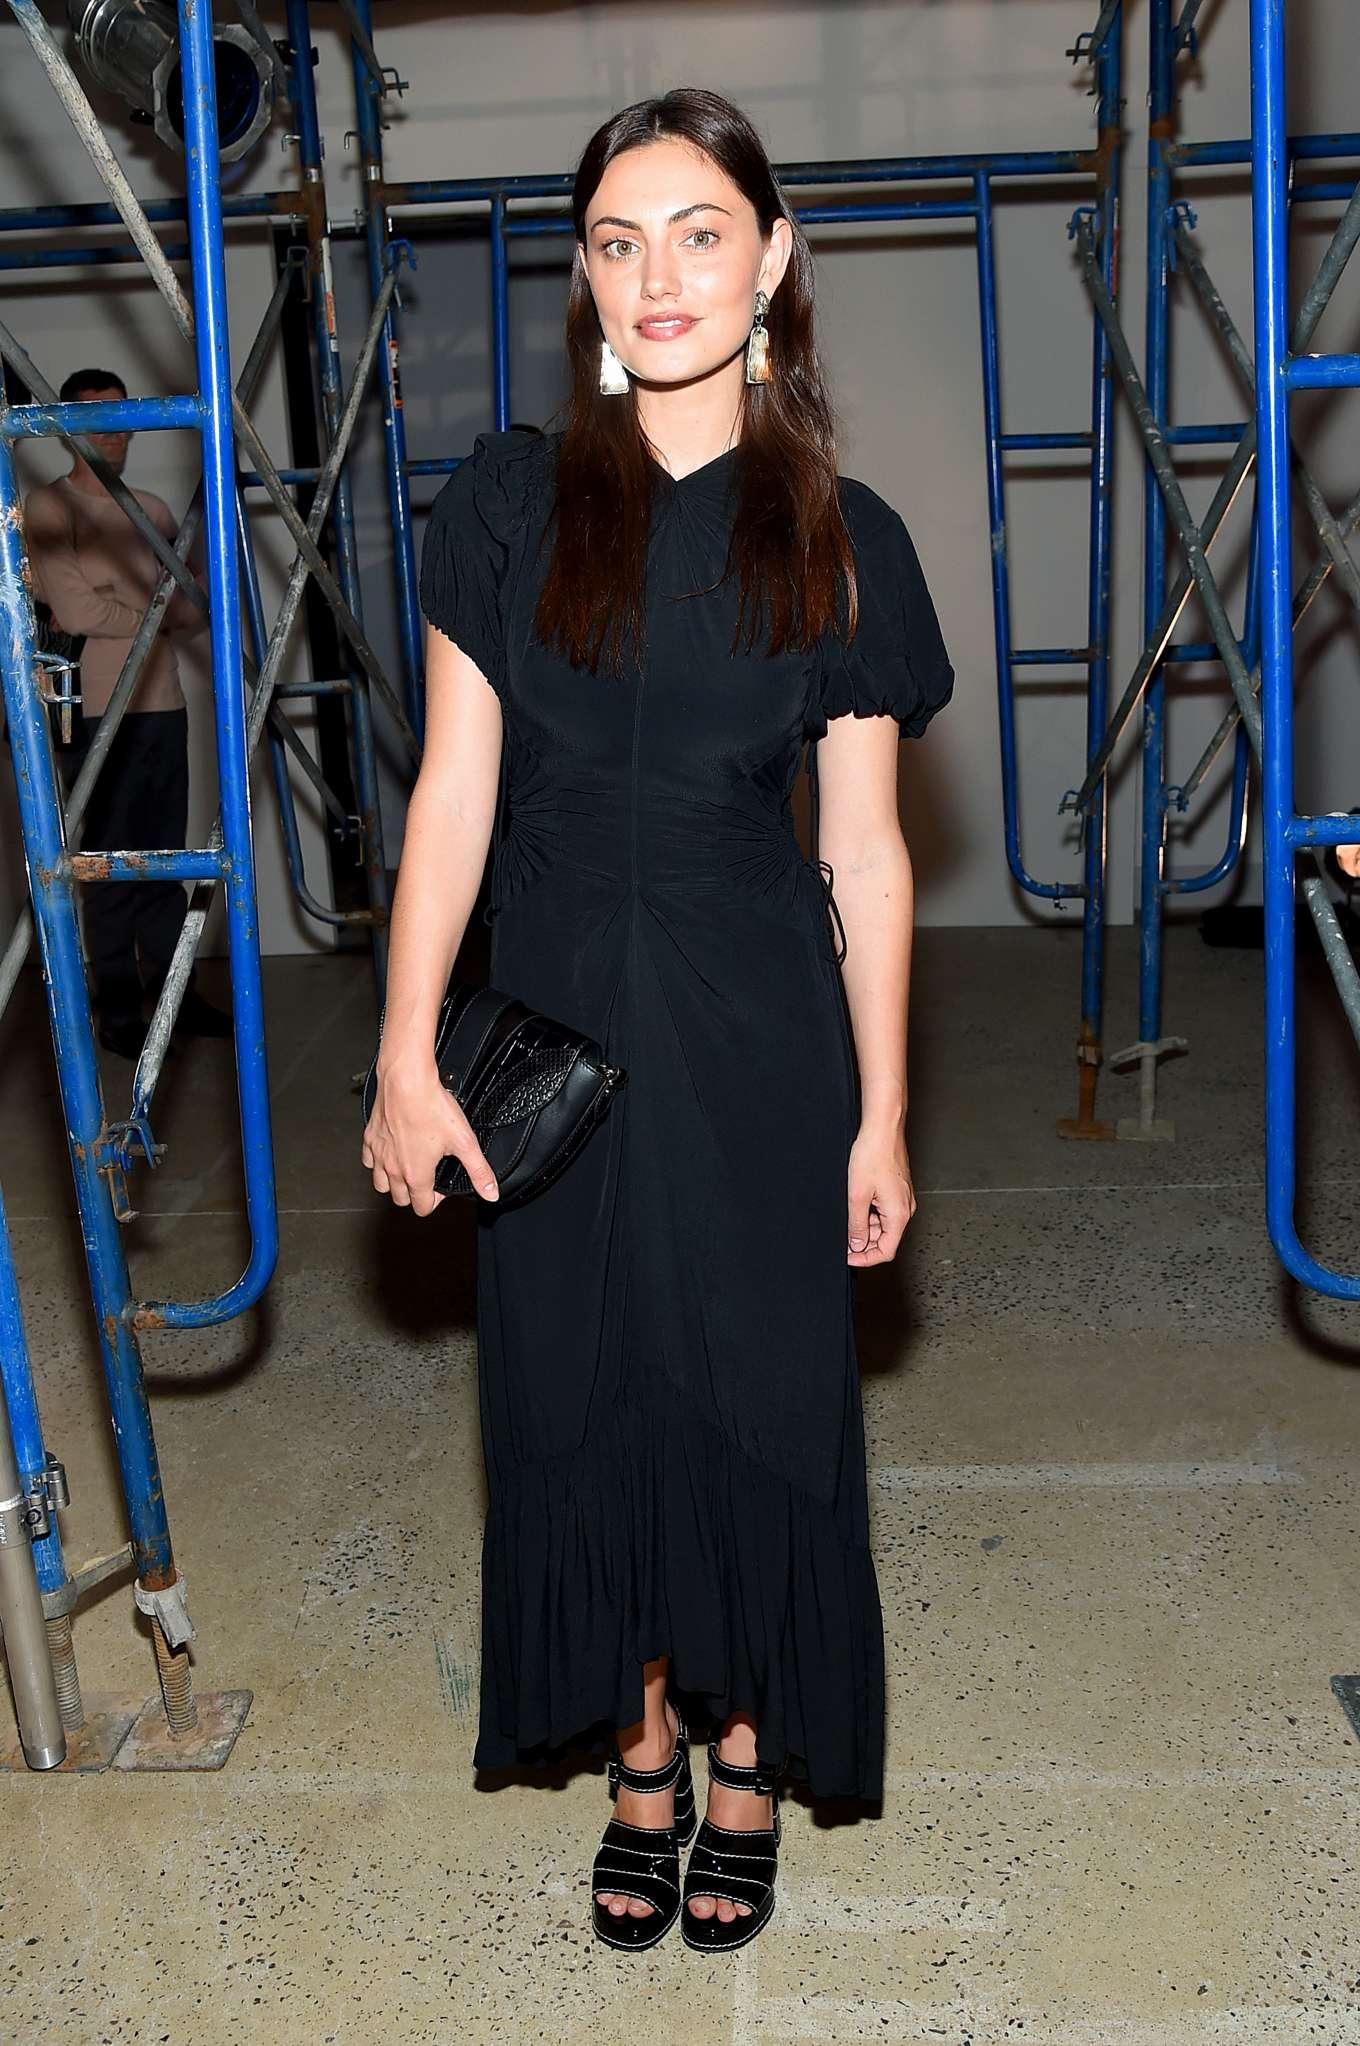 Phoebe Tonkin - Proenza Schouler Fashion Show - New York Fashion Week